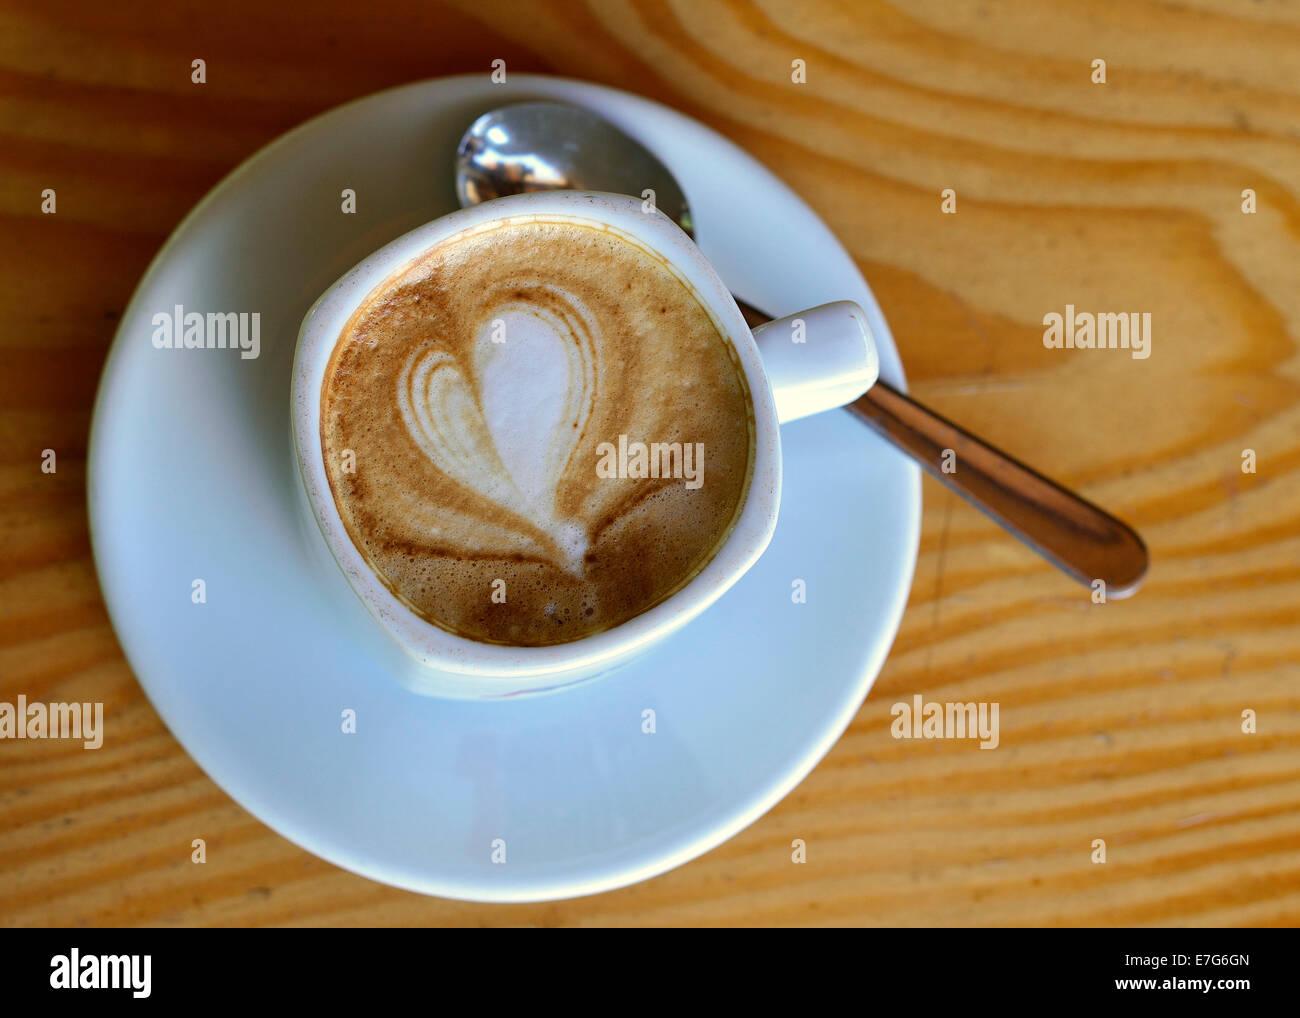 Tazza di cappuccino con schiuma di latte in una forma di cuore Immagini Stock